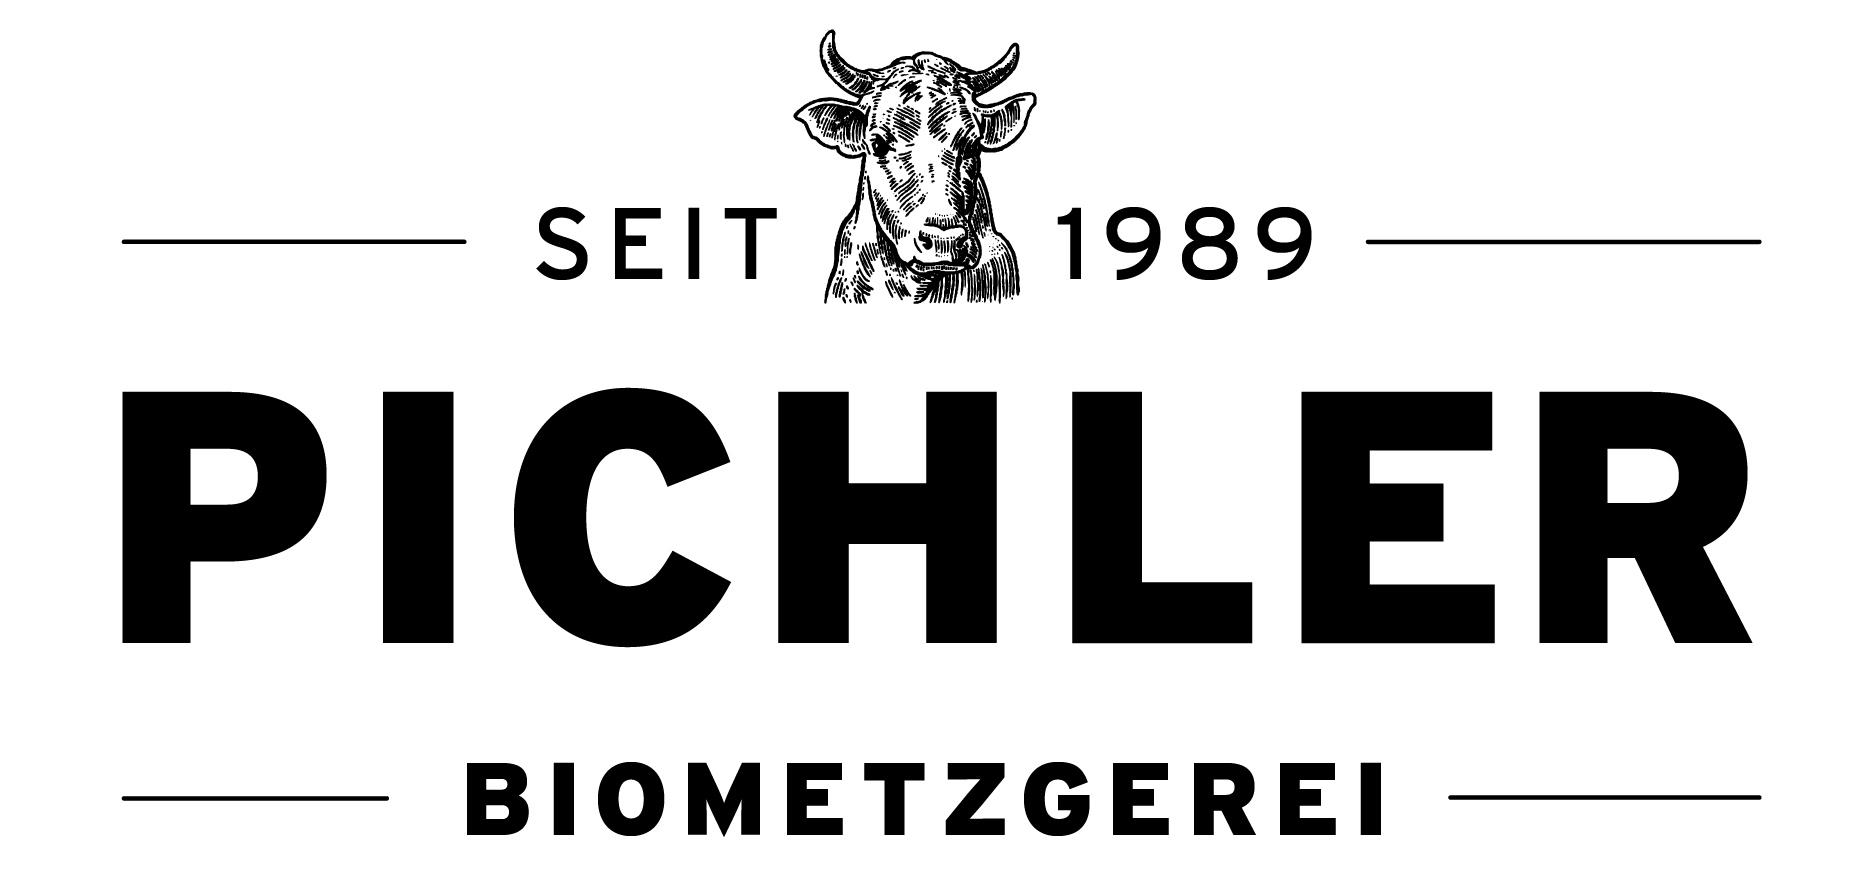 Pichler Biofleisch-Vertriebs GmbH & Co. KG